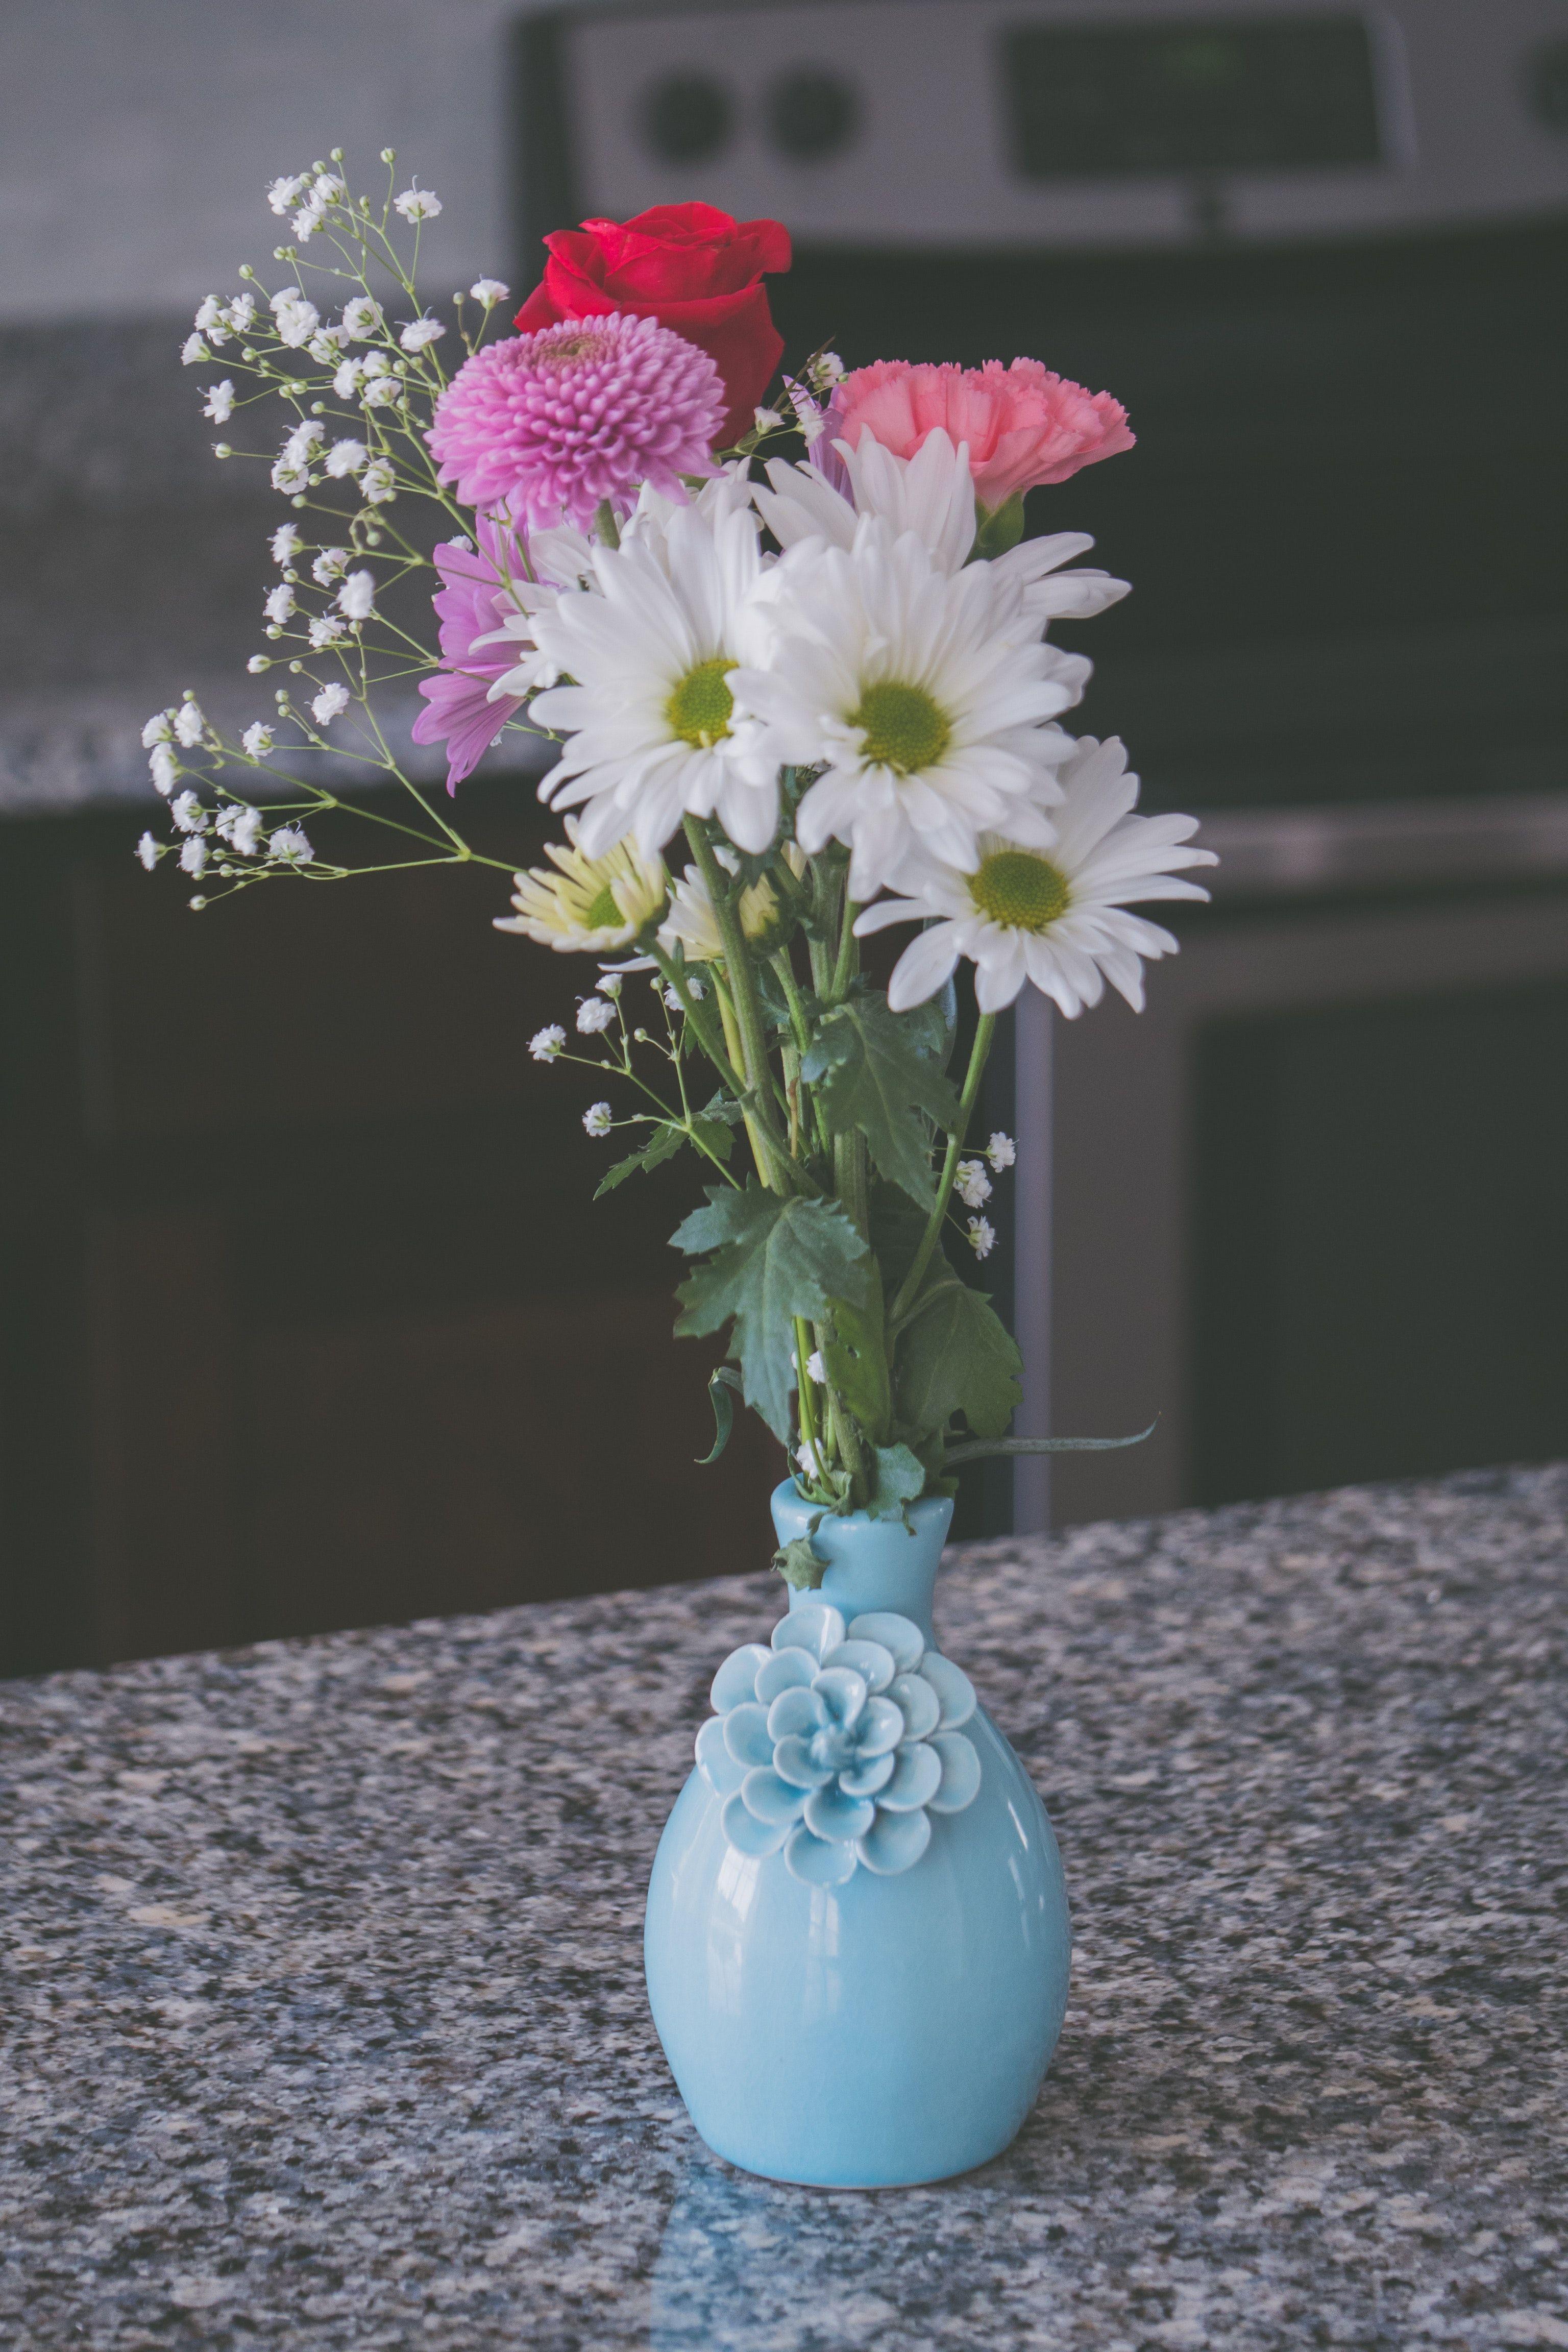 15 Flower Delivery Near Me Options Fleurs de bach